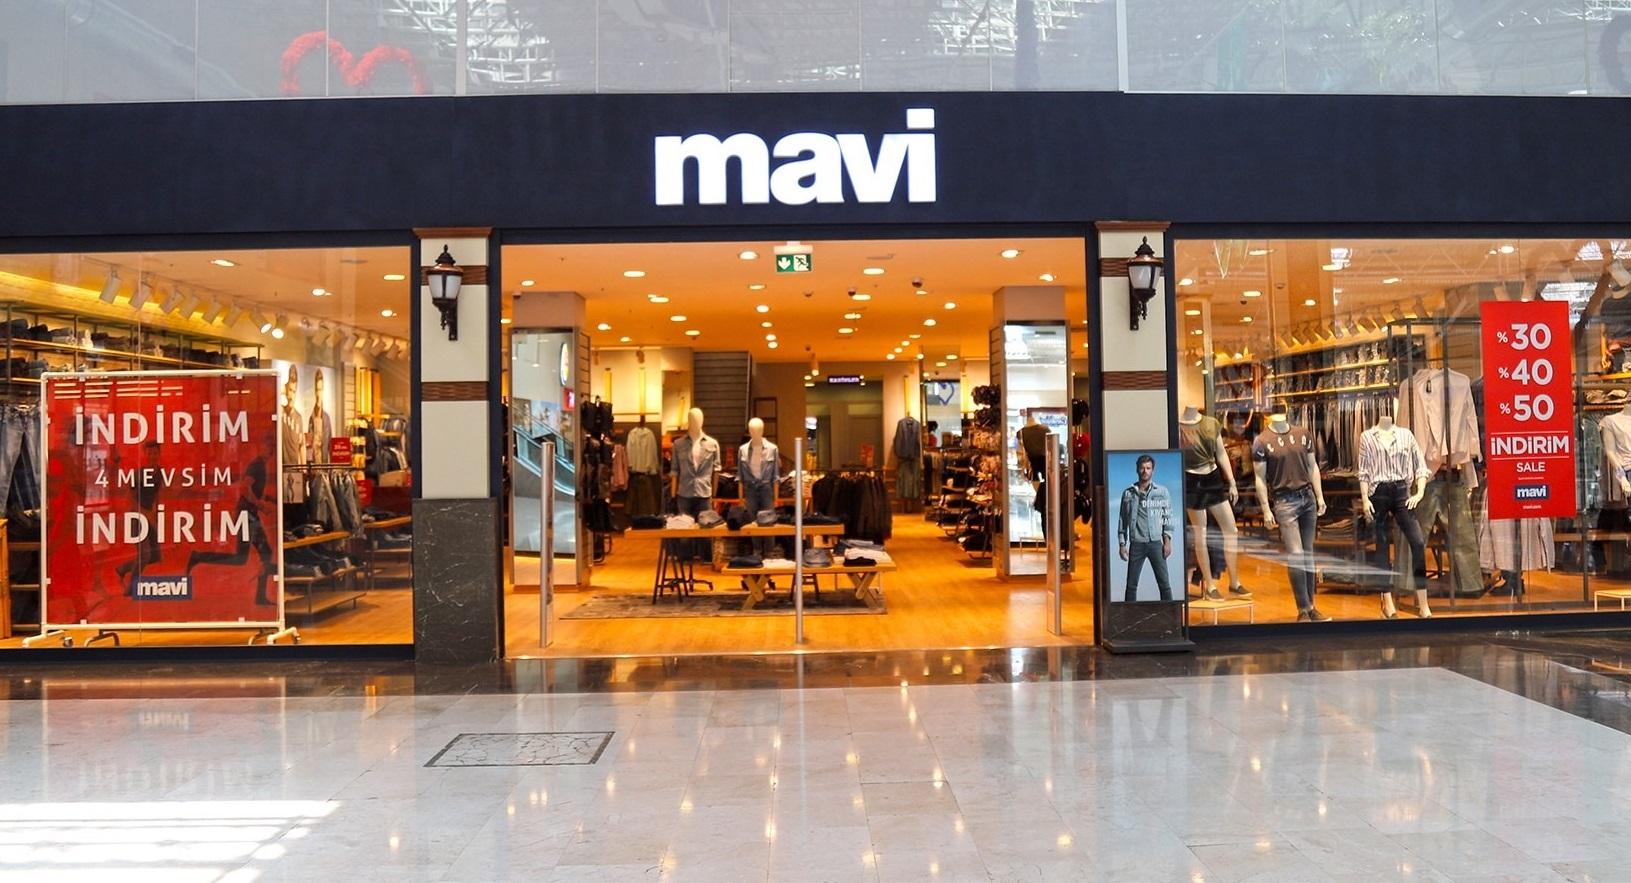 Mavi de Mağazalarını Geçici Olarak Kapatıyor